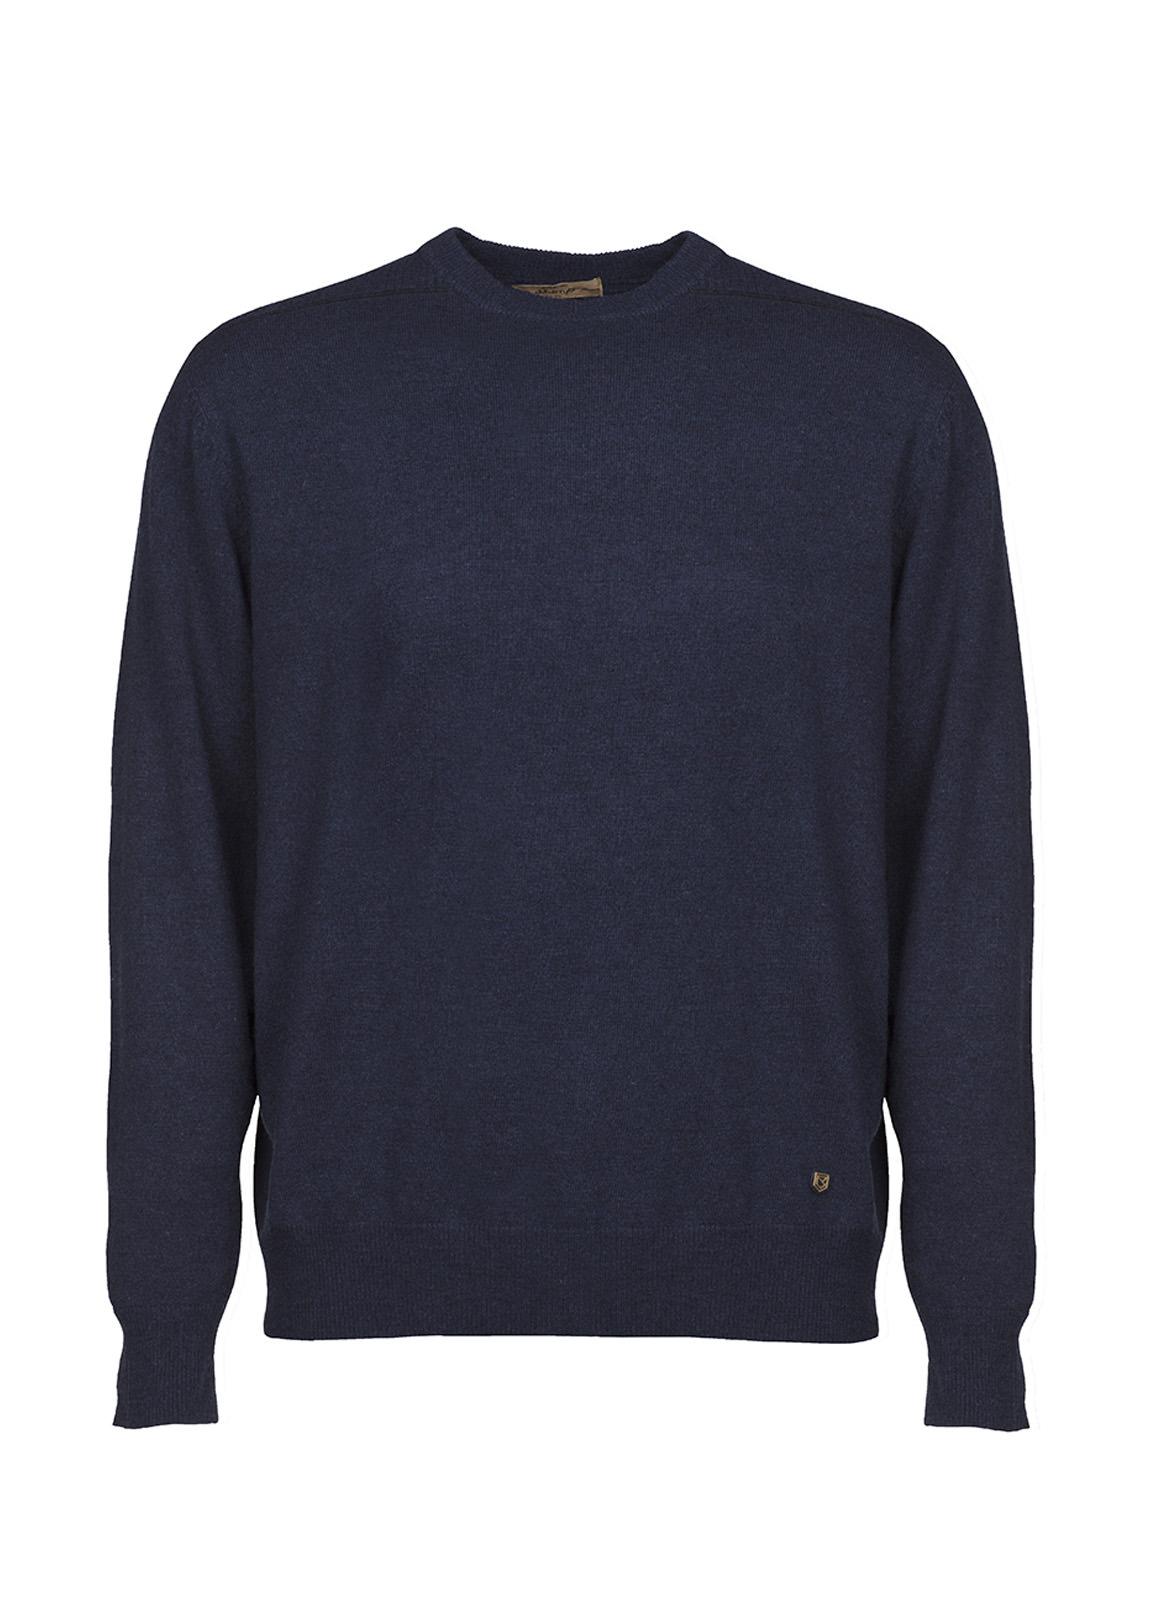 Maguire Men's Sweater - Navy